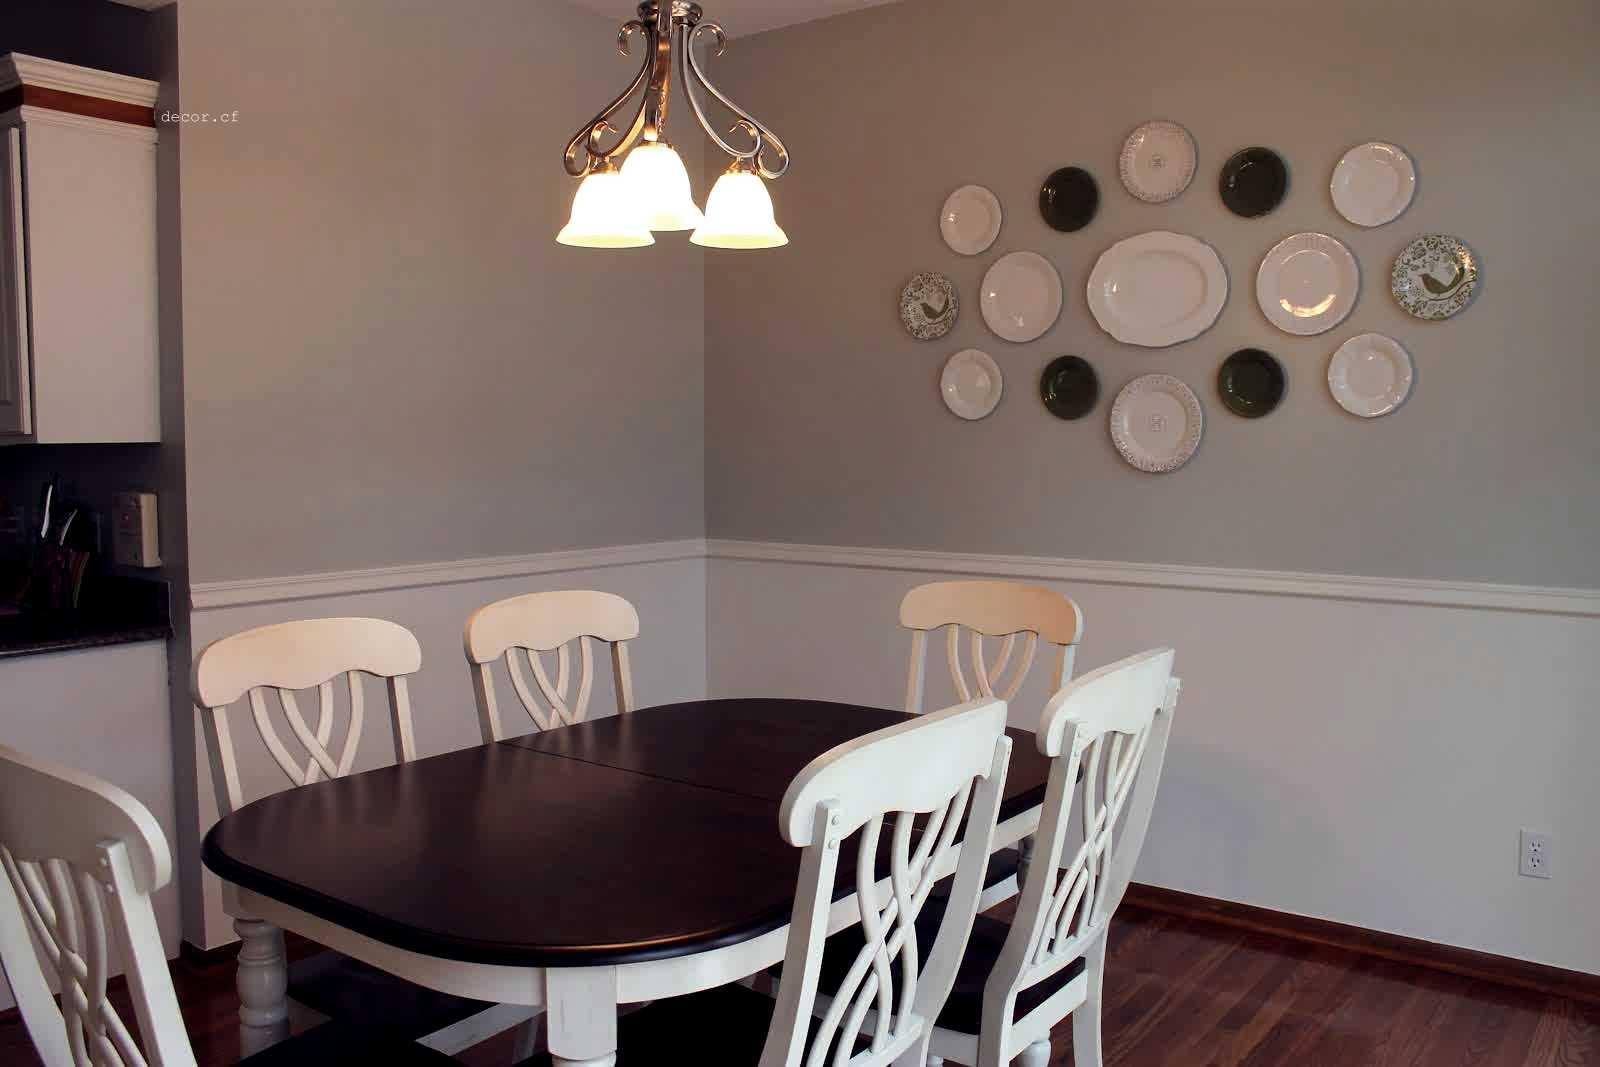 Декор стены на кухне над обеденным столом: как оформить и украсить, фото варианты